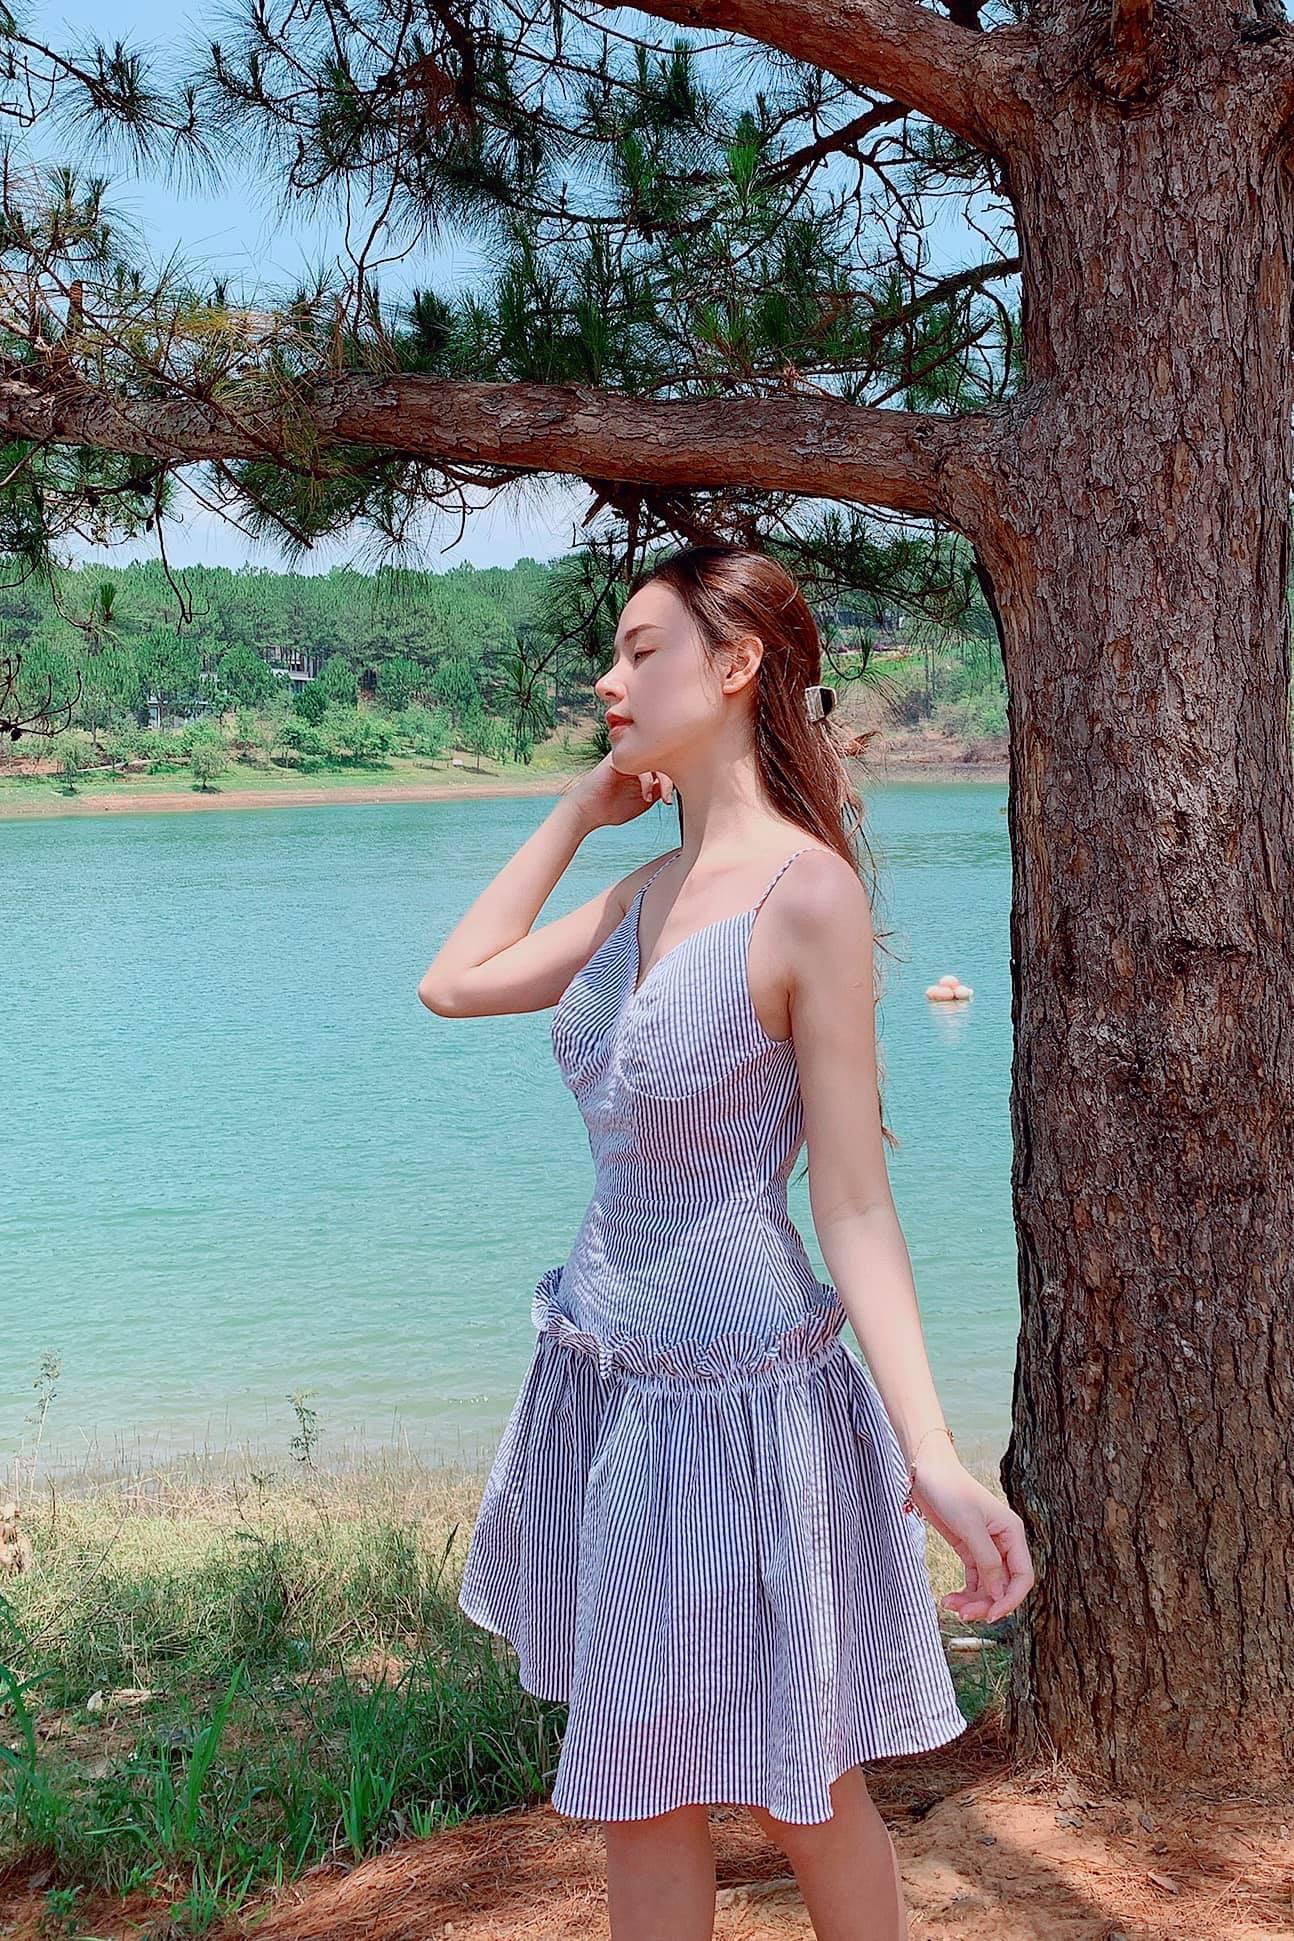 4 năm sau cuộc hủy hôn ồn ào, Phan Thành giờ đã cưới vợ còn cuộc sống của Midu thì sao?-9